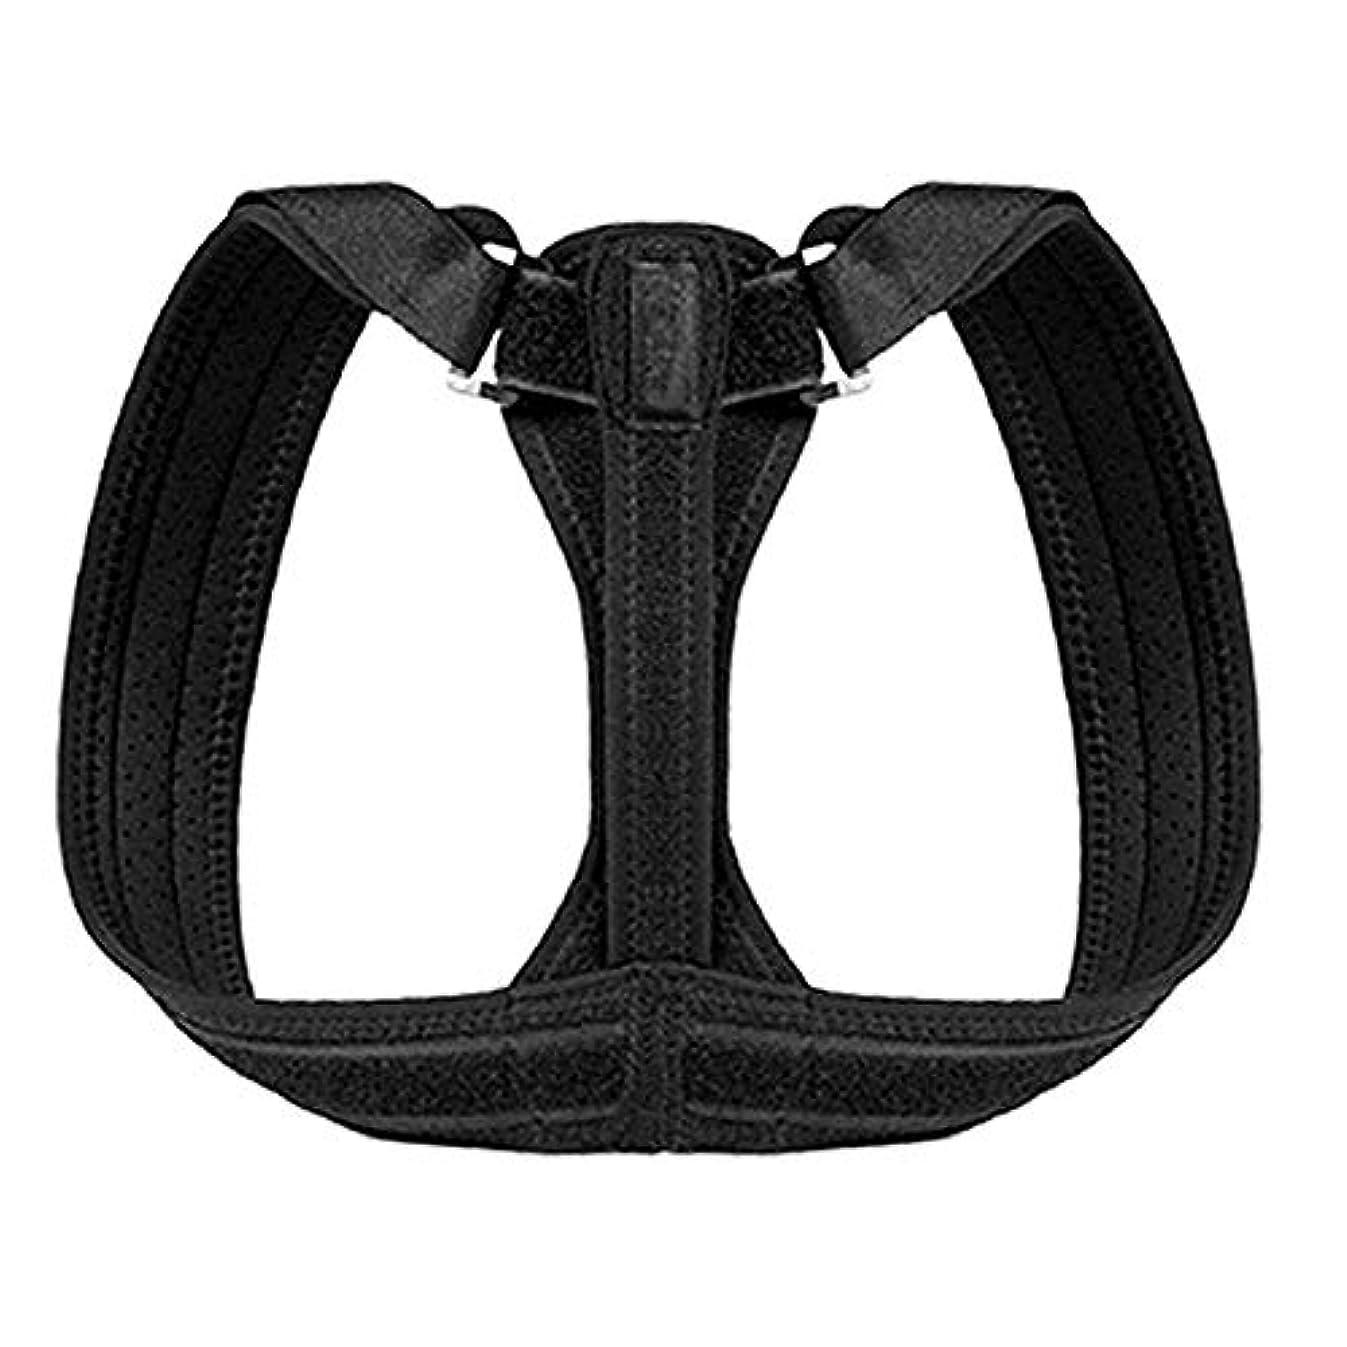 レバー安らぎ残り完璧な姿勢の正しい、女性の男性のための脊椎のサポート、肩首の痛みの軽減、背中の矯正、調整可能な治療ブレース、アライメント用のトレーナー,S